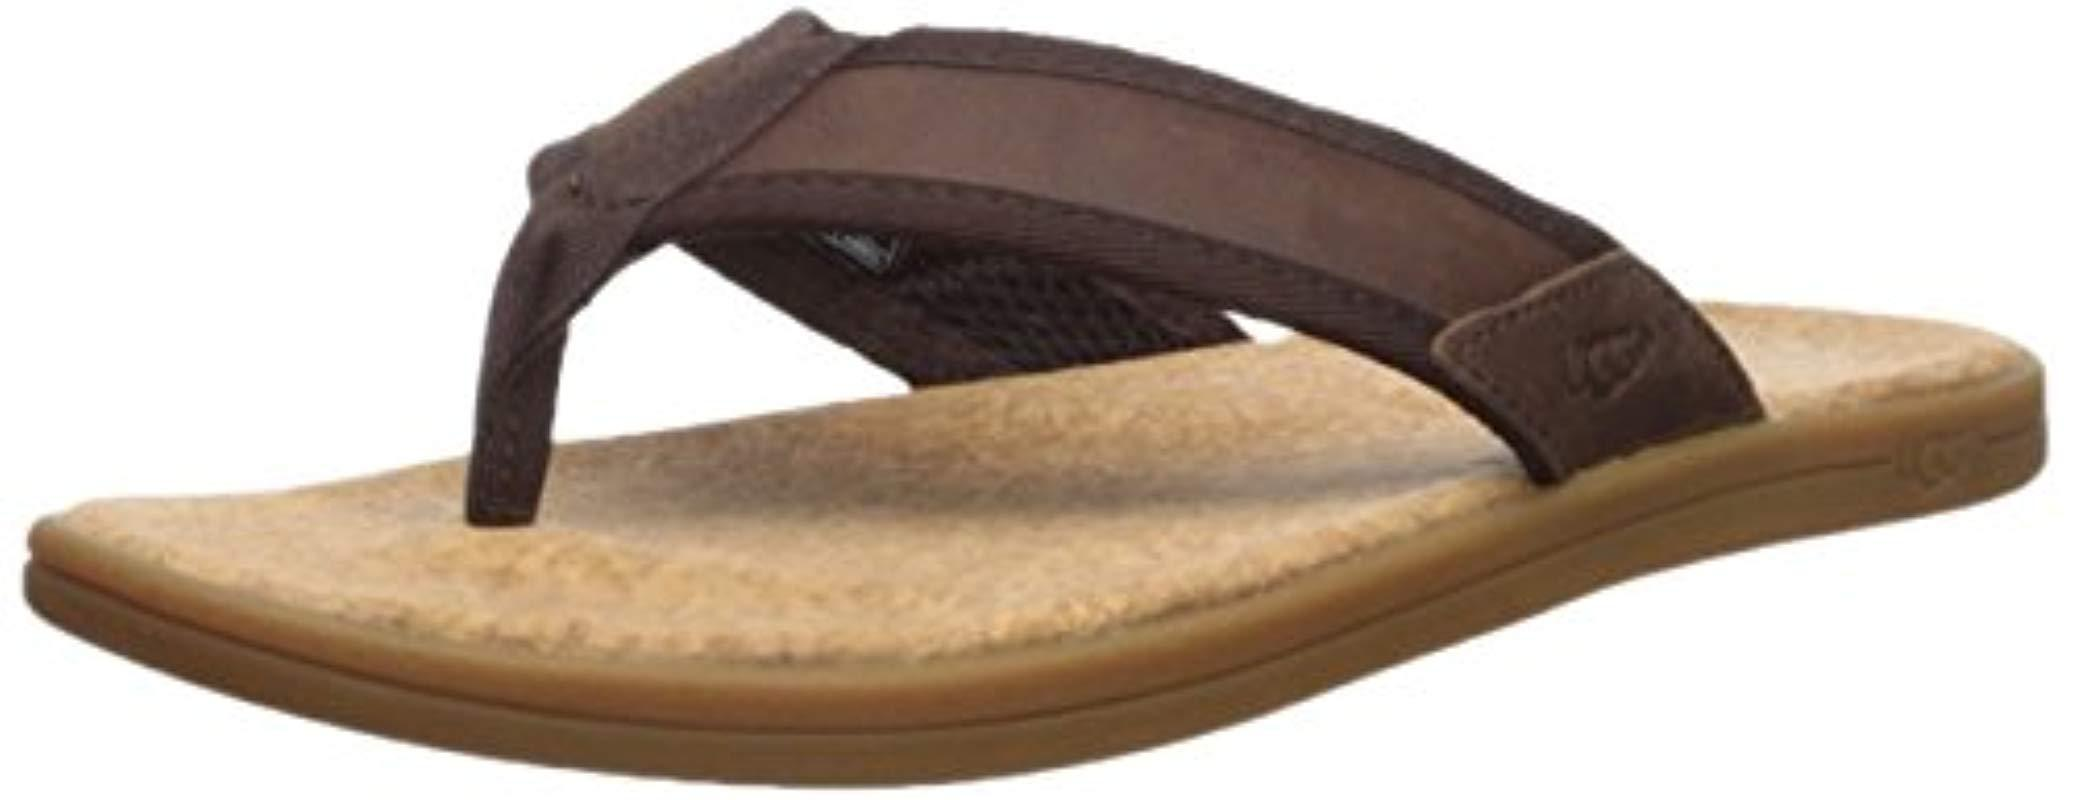 129f329e48b Men's Brown Seaside Flip Flop